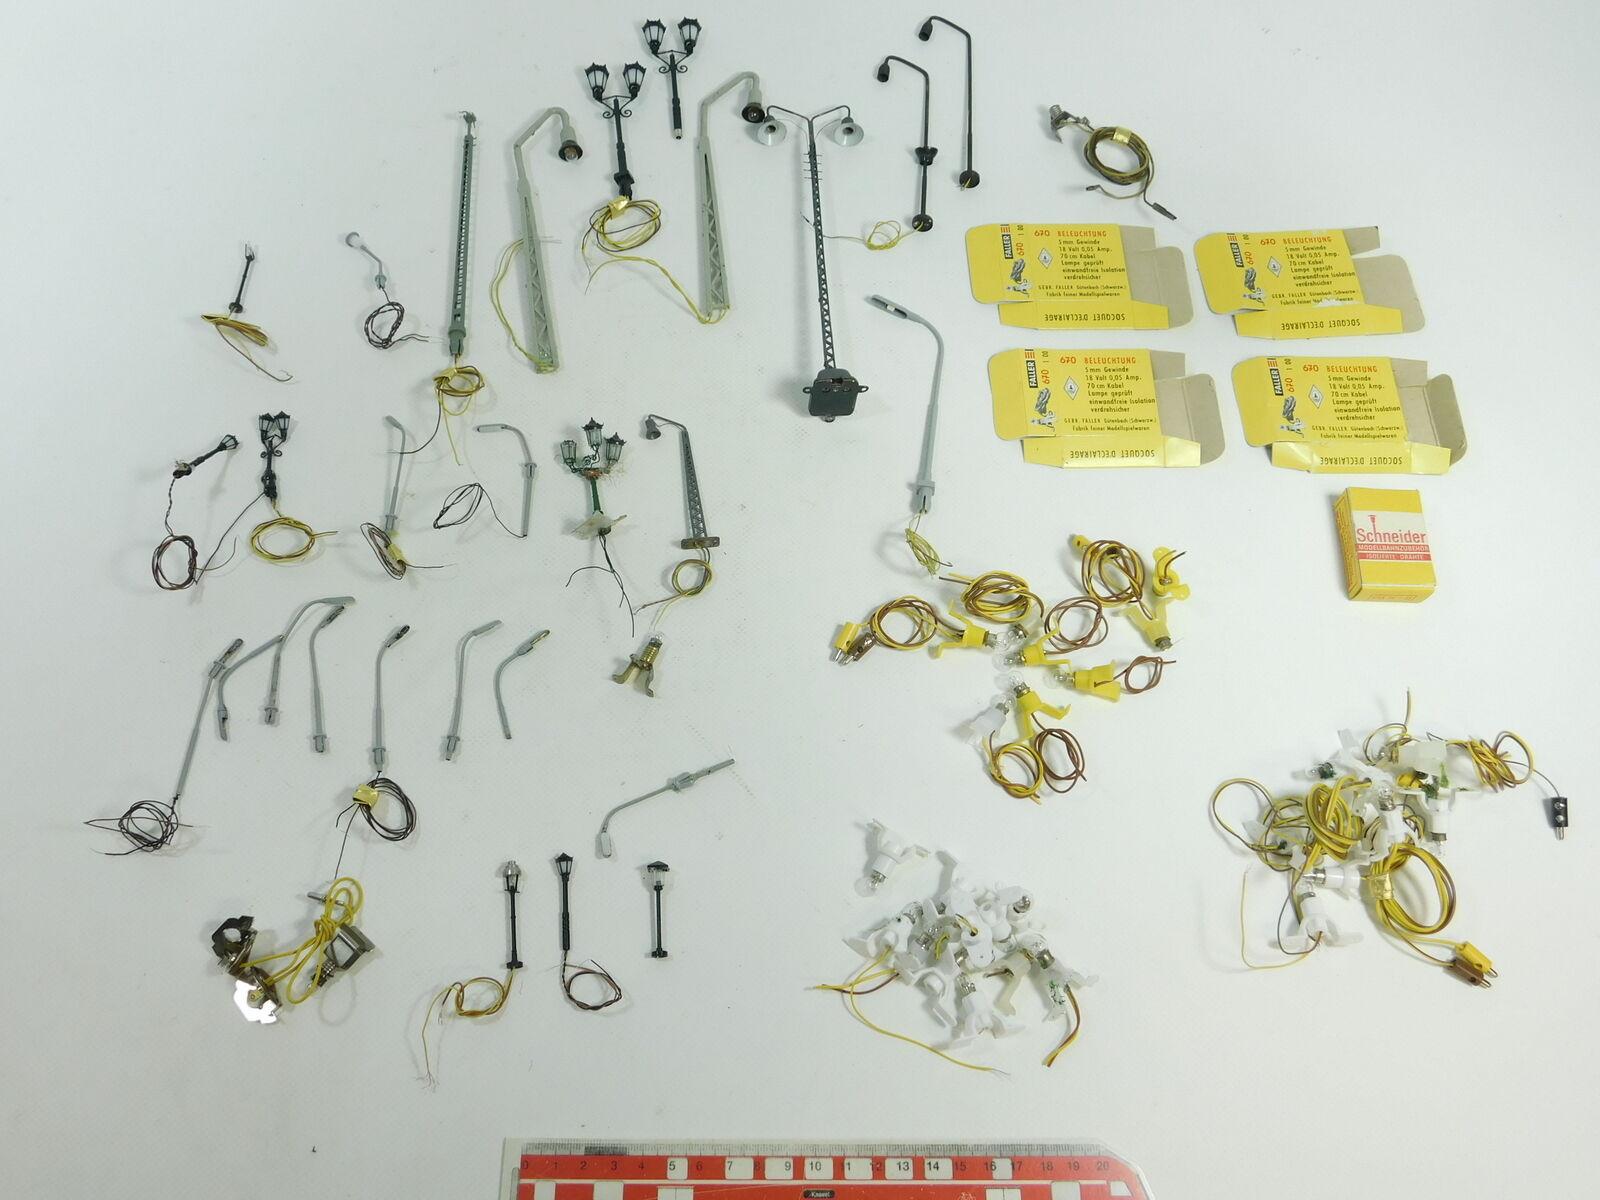 Ar62-1 X Faller   Brawa   Viessmann etc Hobbyist Lighting Fixture